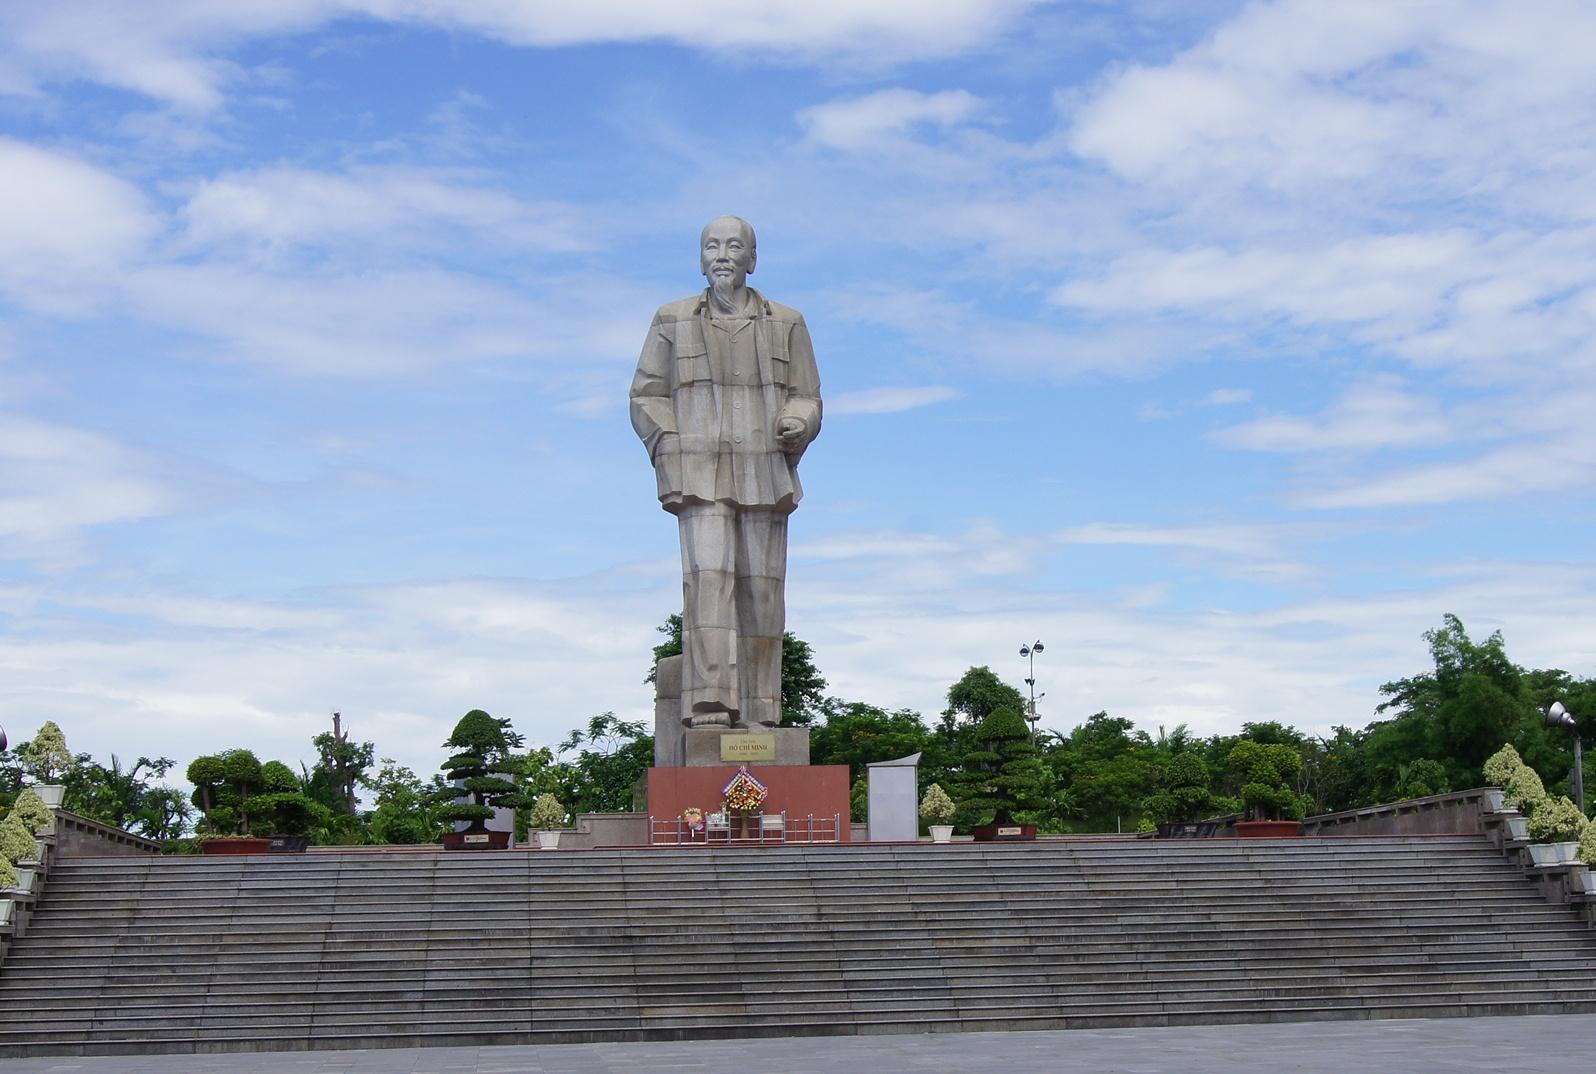 Bán nhớt Repsol giá rẻ tại Nghệ An